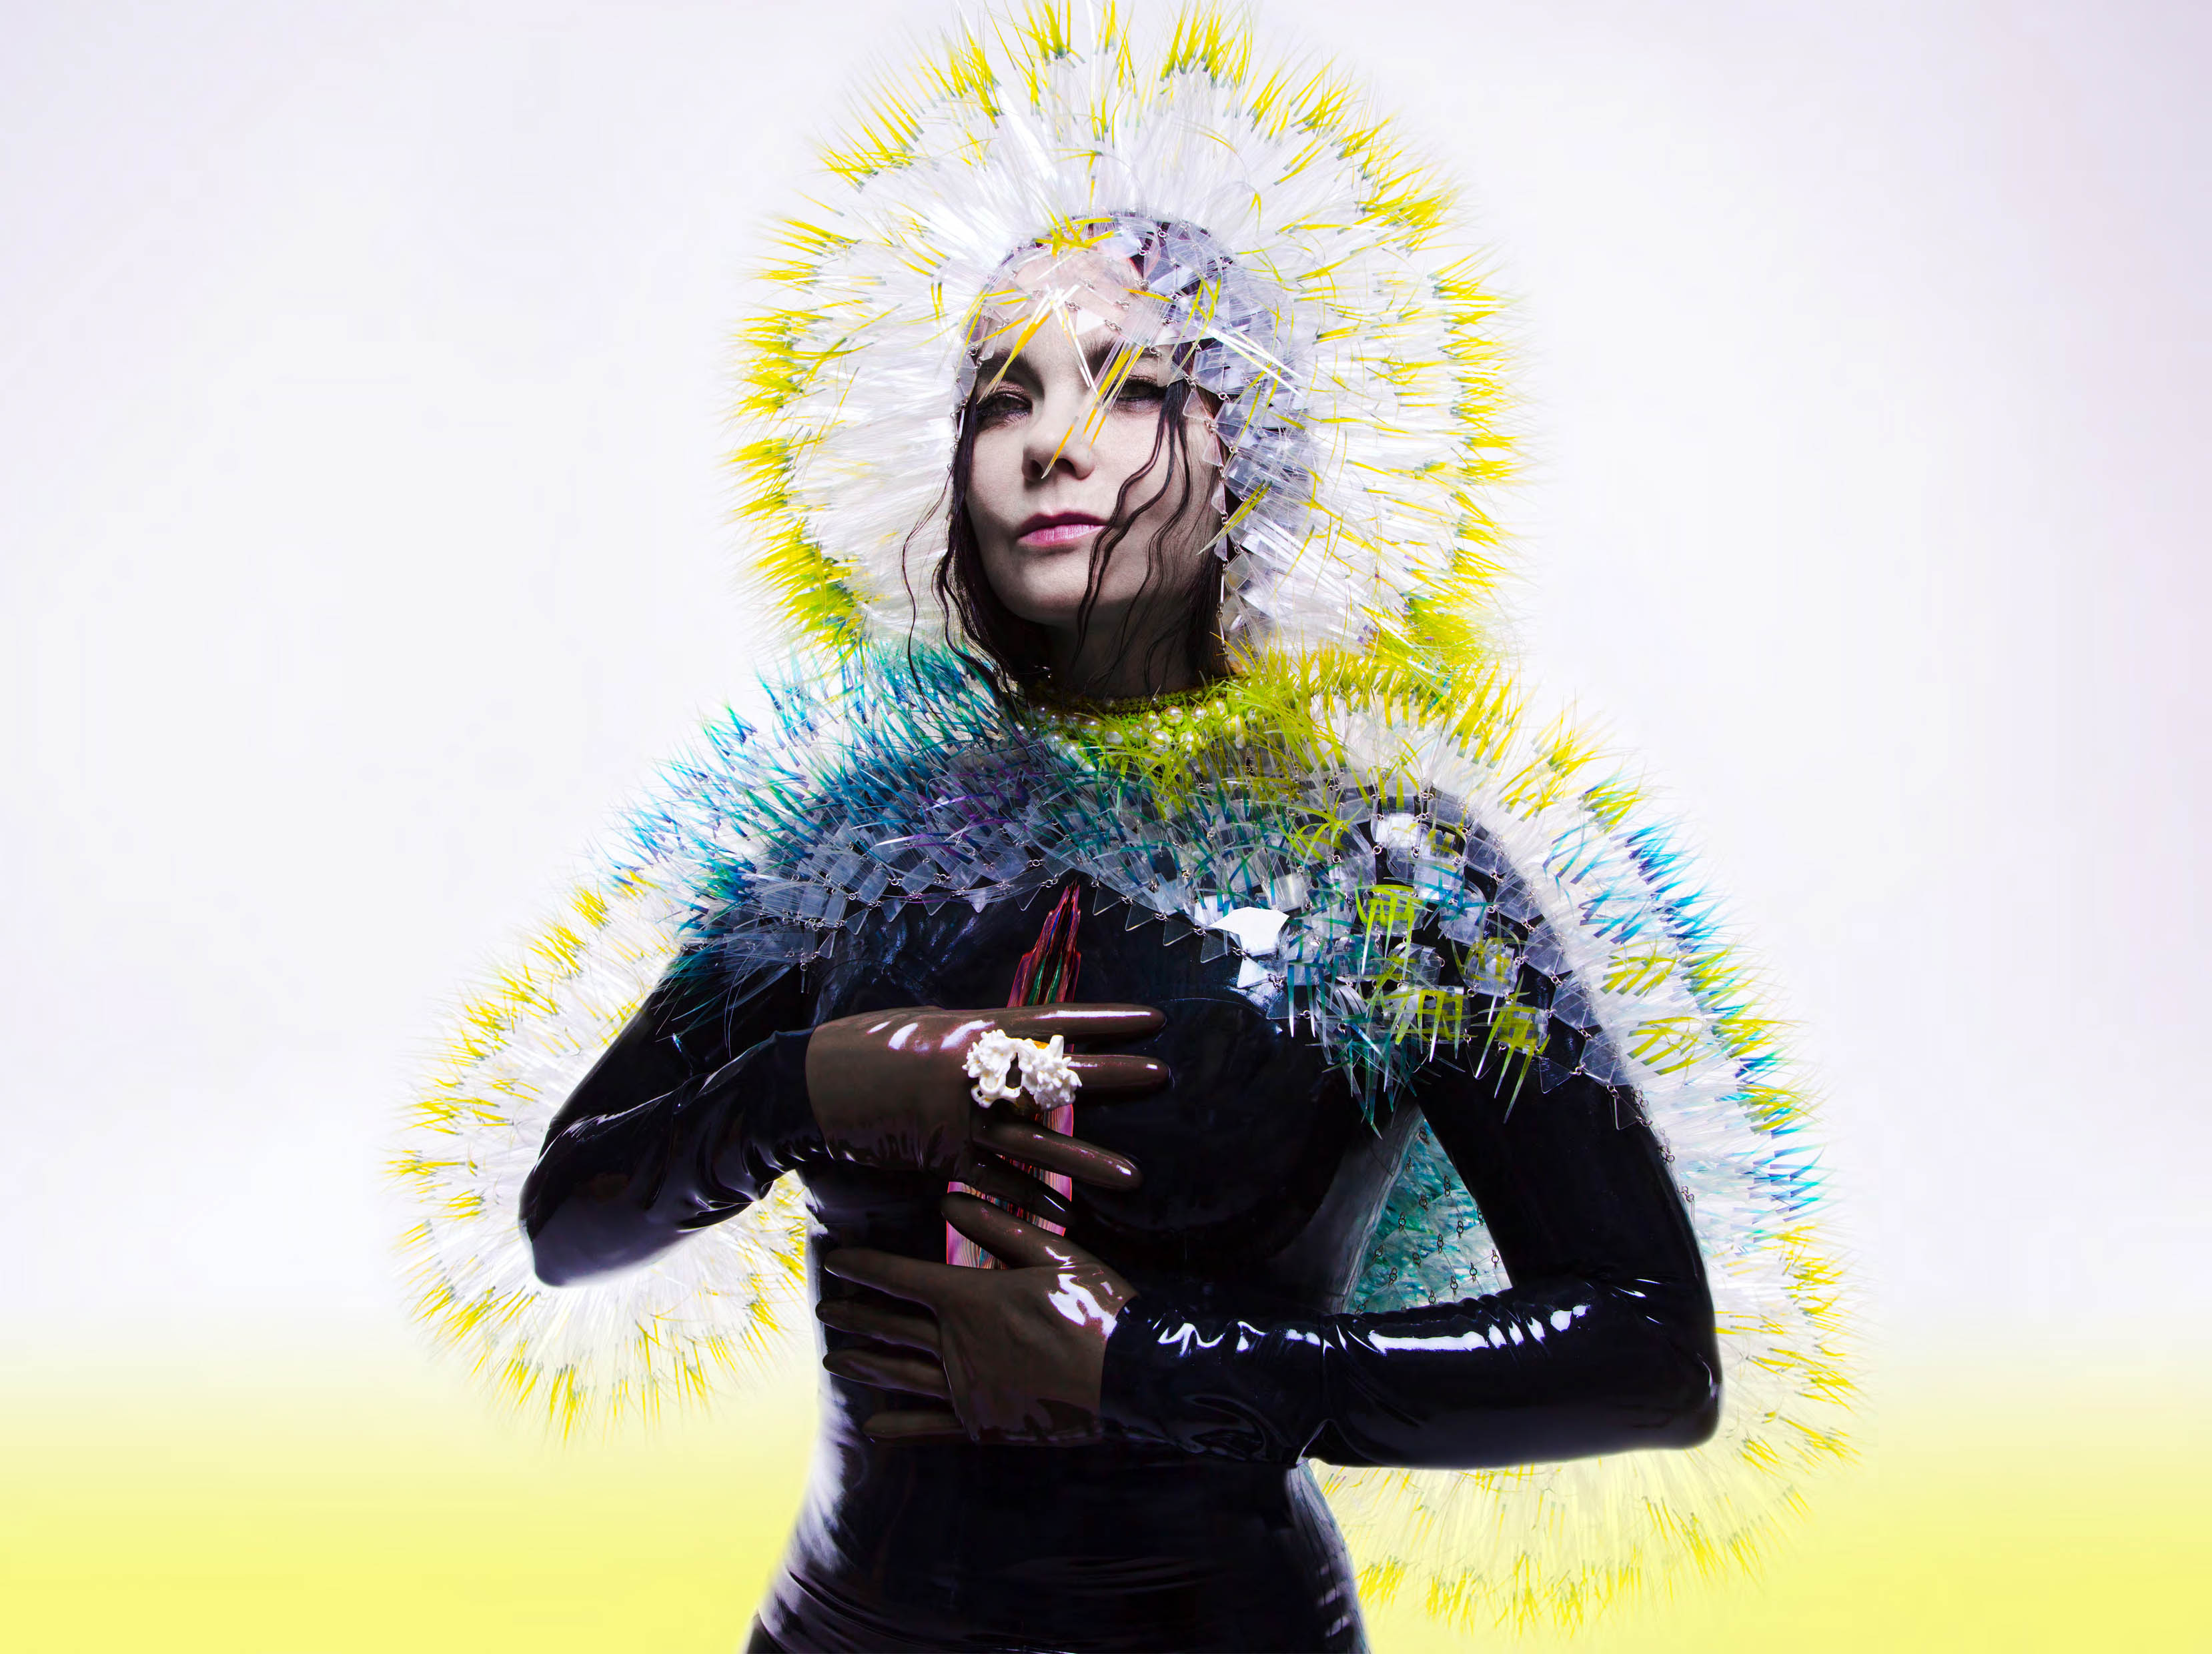 Björk et son nouveau clip Notget version 2